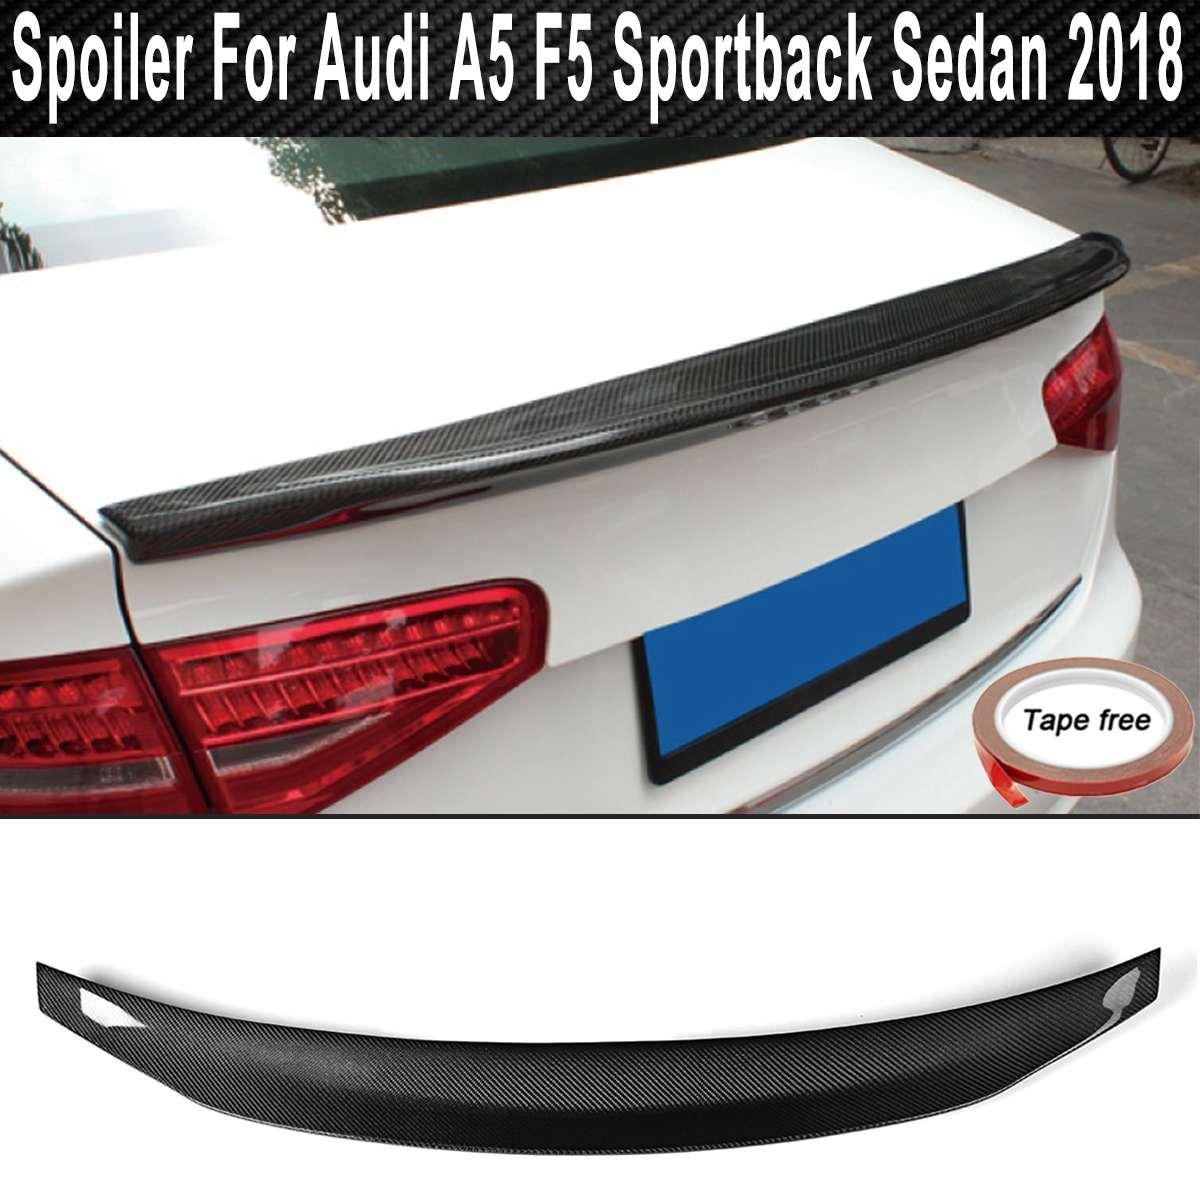 Aileron de coffre arrière en Fiber de carbone véritable aileron de coffre arrière aile de coffre pour Audi A5 F5 Sportback berline 4 portes 2018 accessoires de voiture